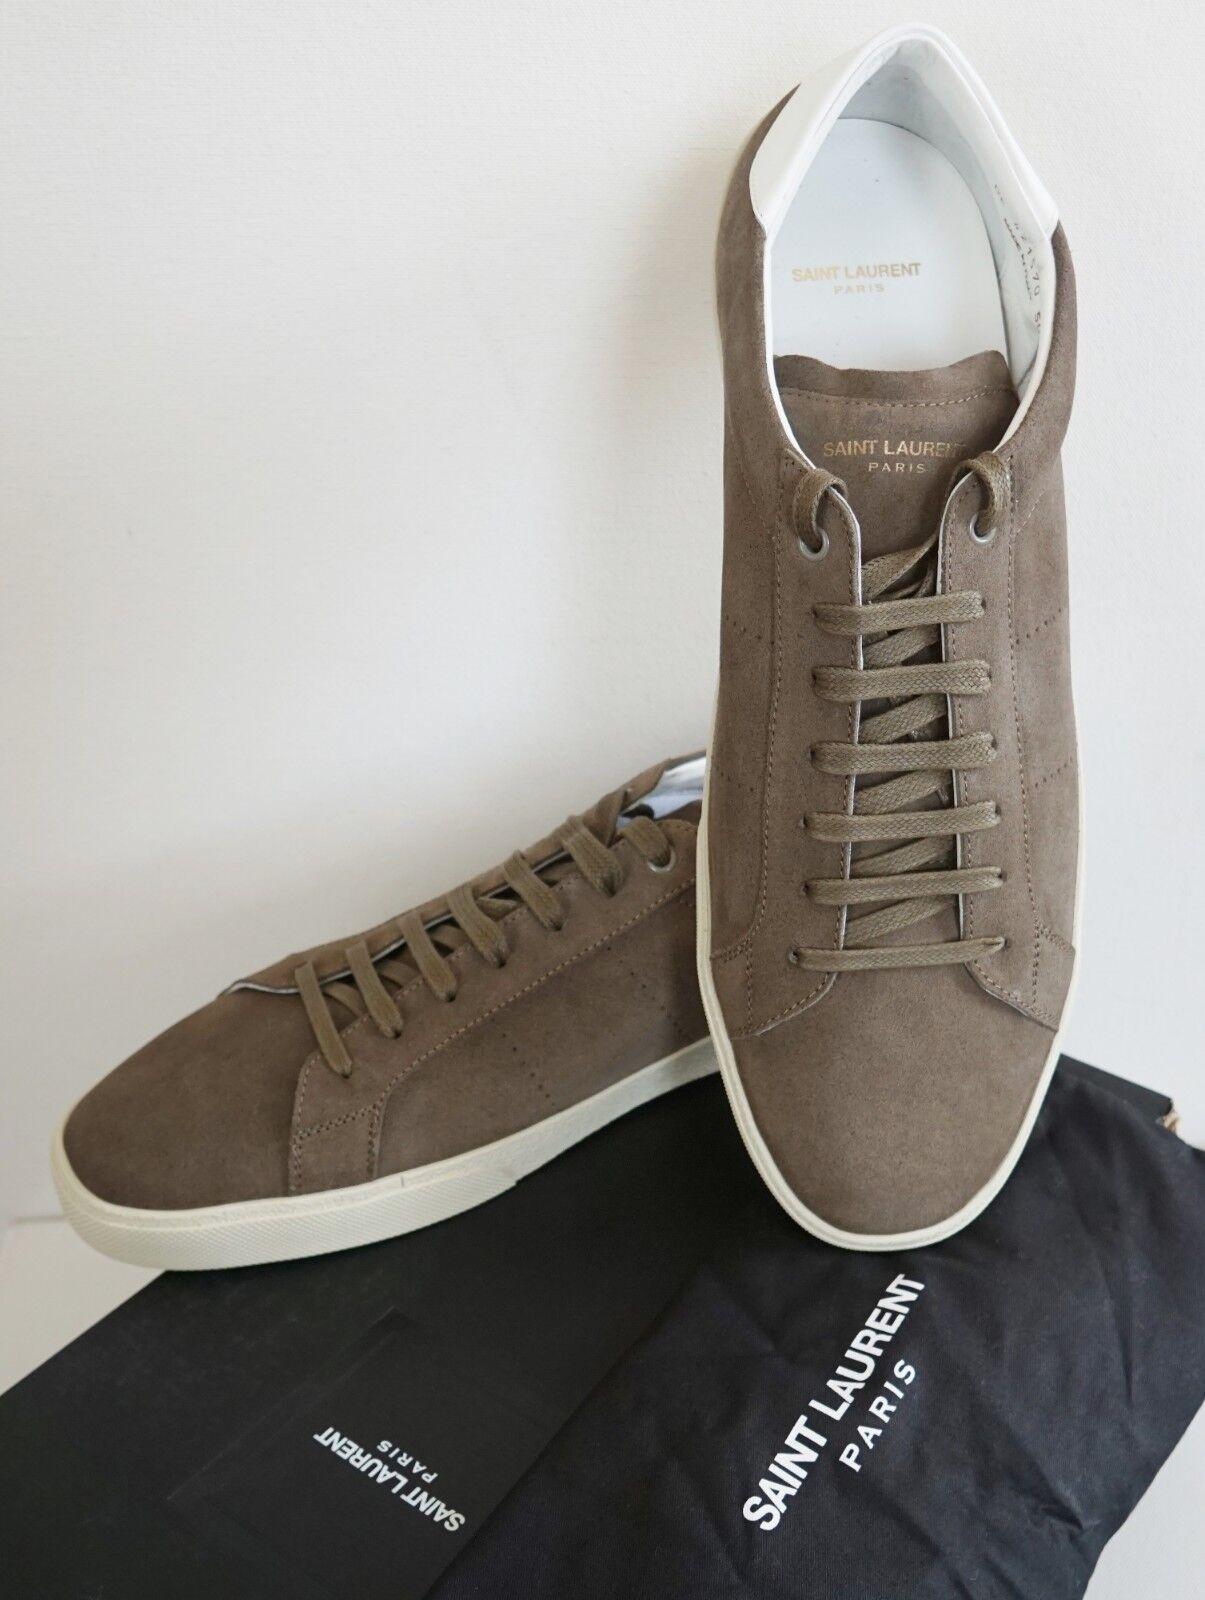 SAINT LAURENT SL06 SUEDE SOHO MILITARY KHAKI LowTop Sneakers Shoes EUR50 US17